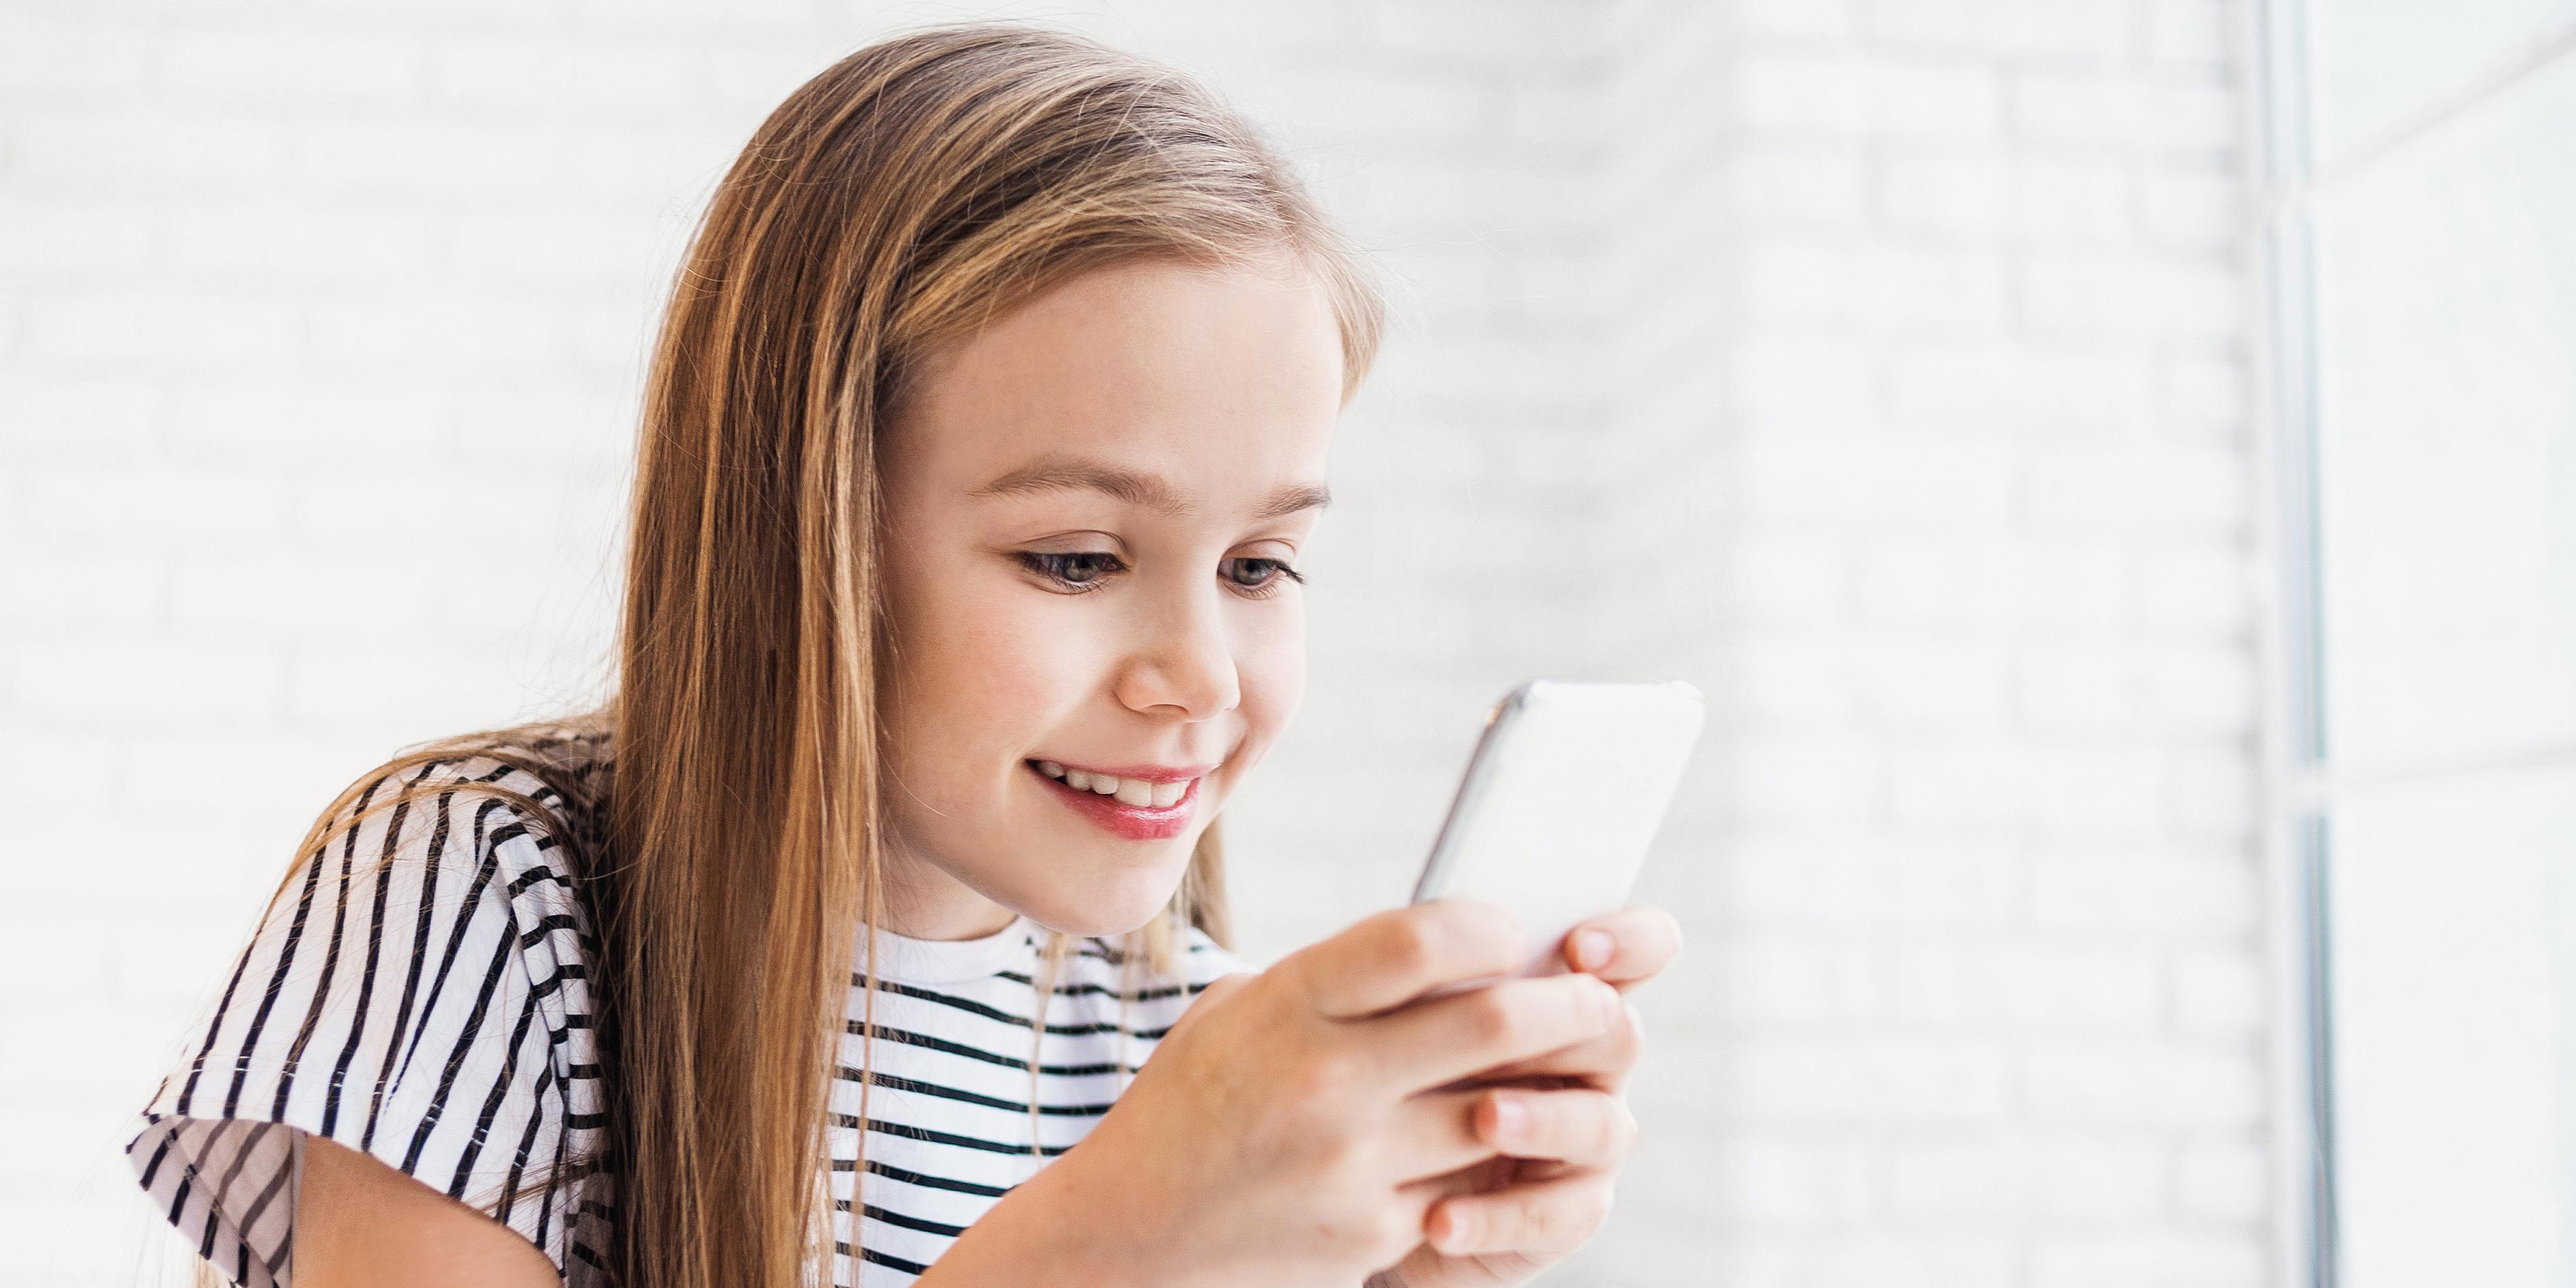 نتيجة بحث الصور عن Child + smart phone